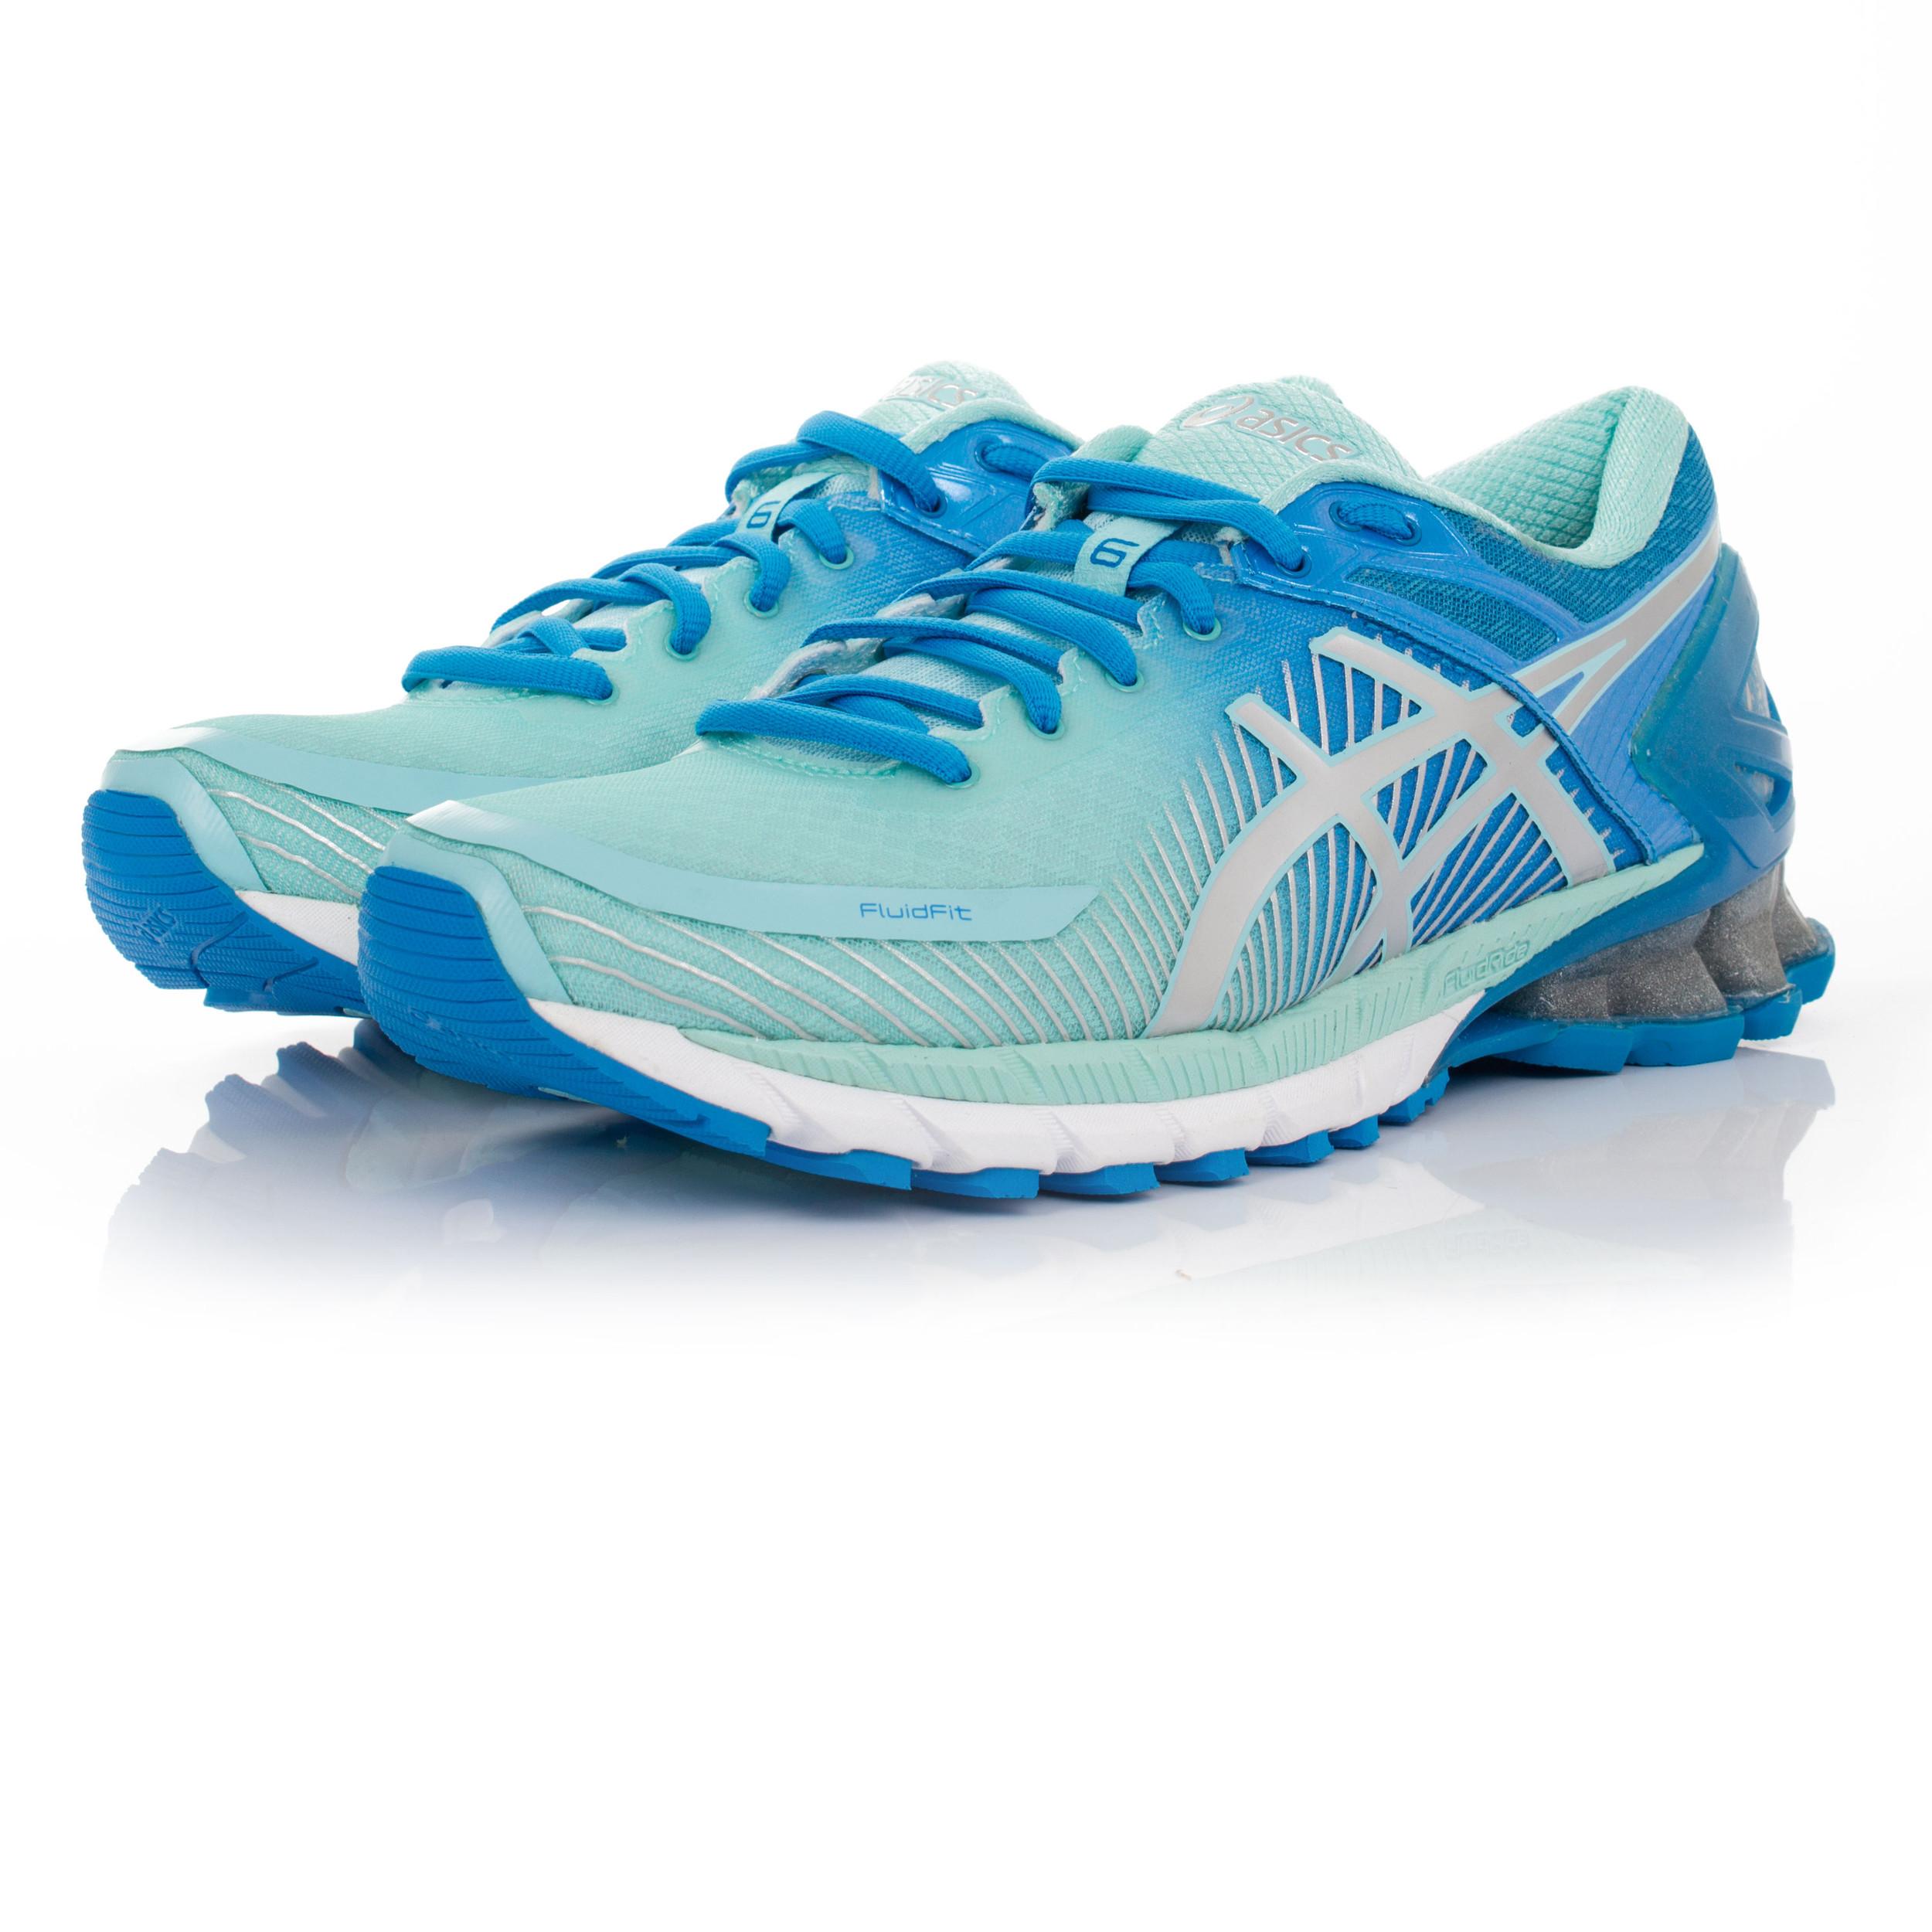 Détails sur ASICS GEL KINSEI 6 Womens Blue Cushioned Running Road Sports Shoes Trainers afficher le titre d'origine